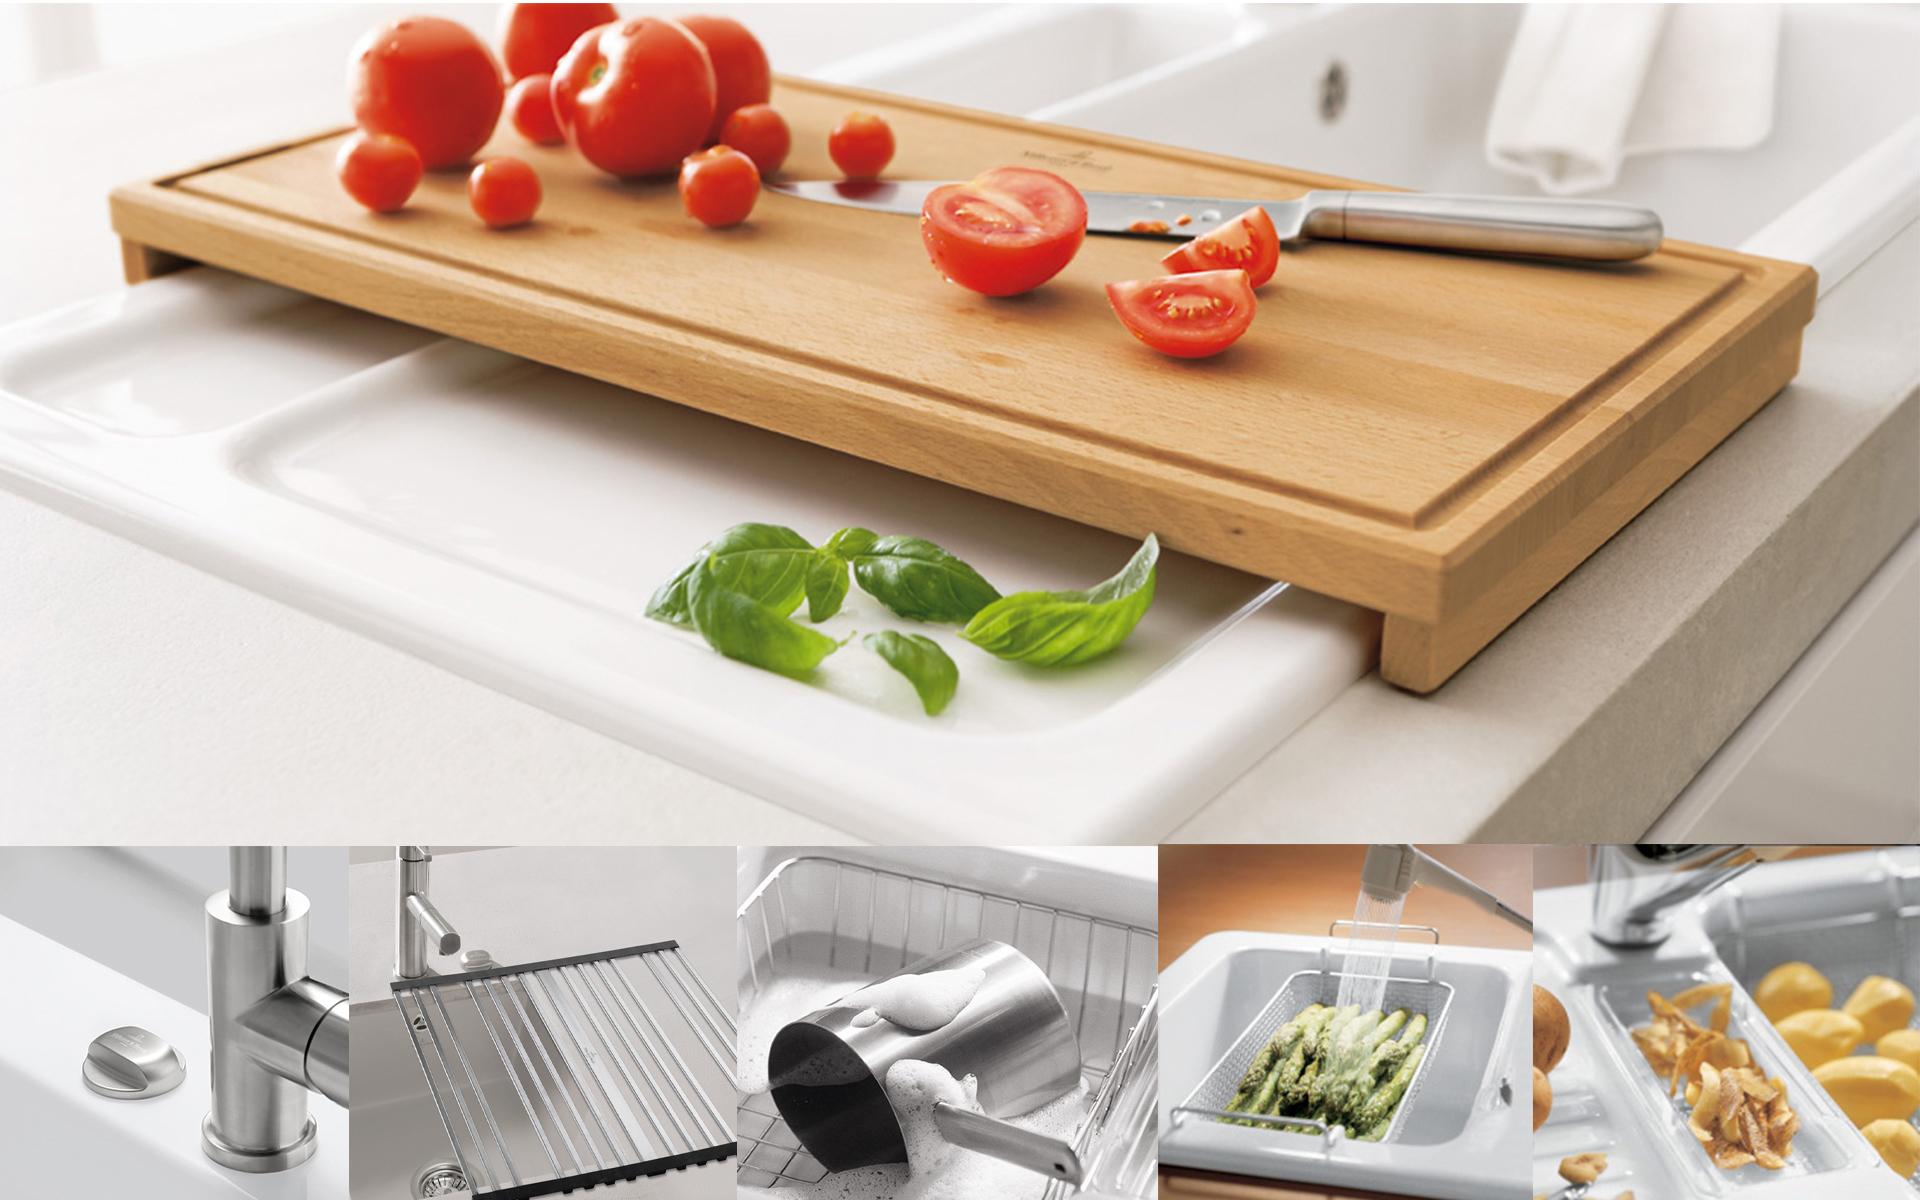 Accessoires de cuisine de villeroy boch pour une for Accessoires cuisine trudeau